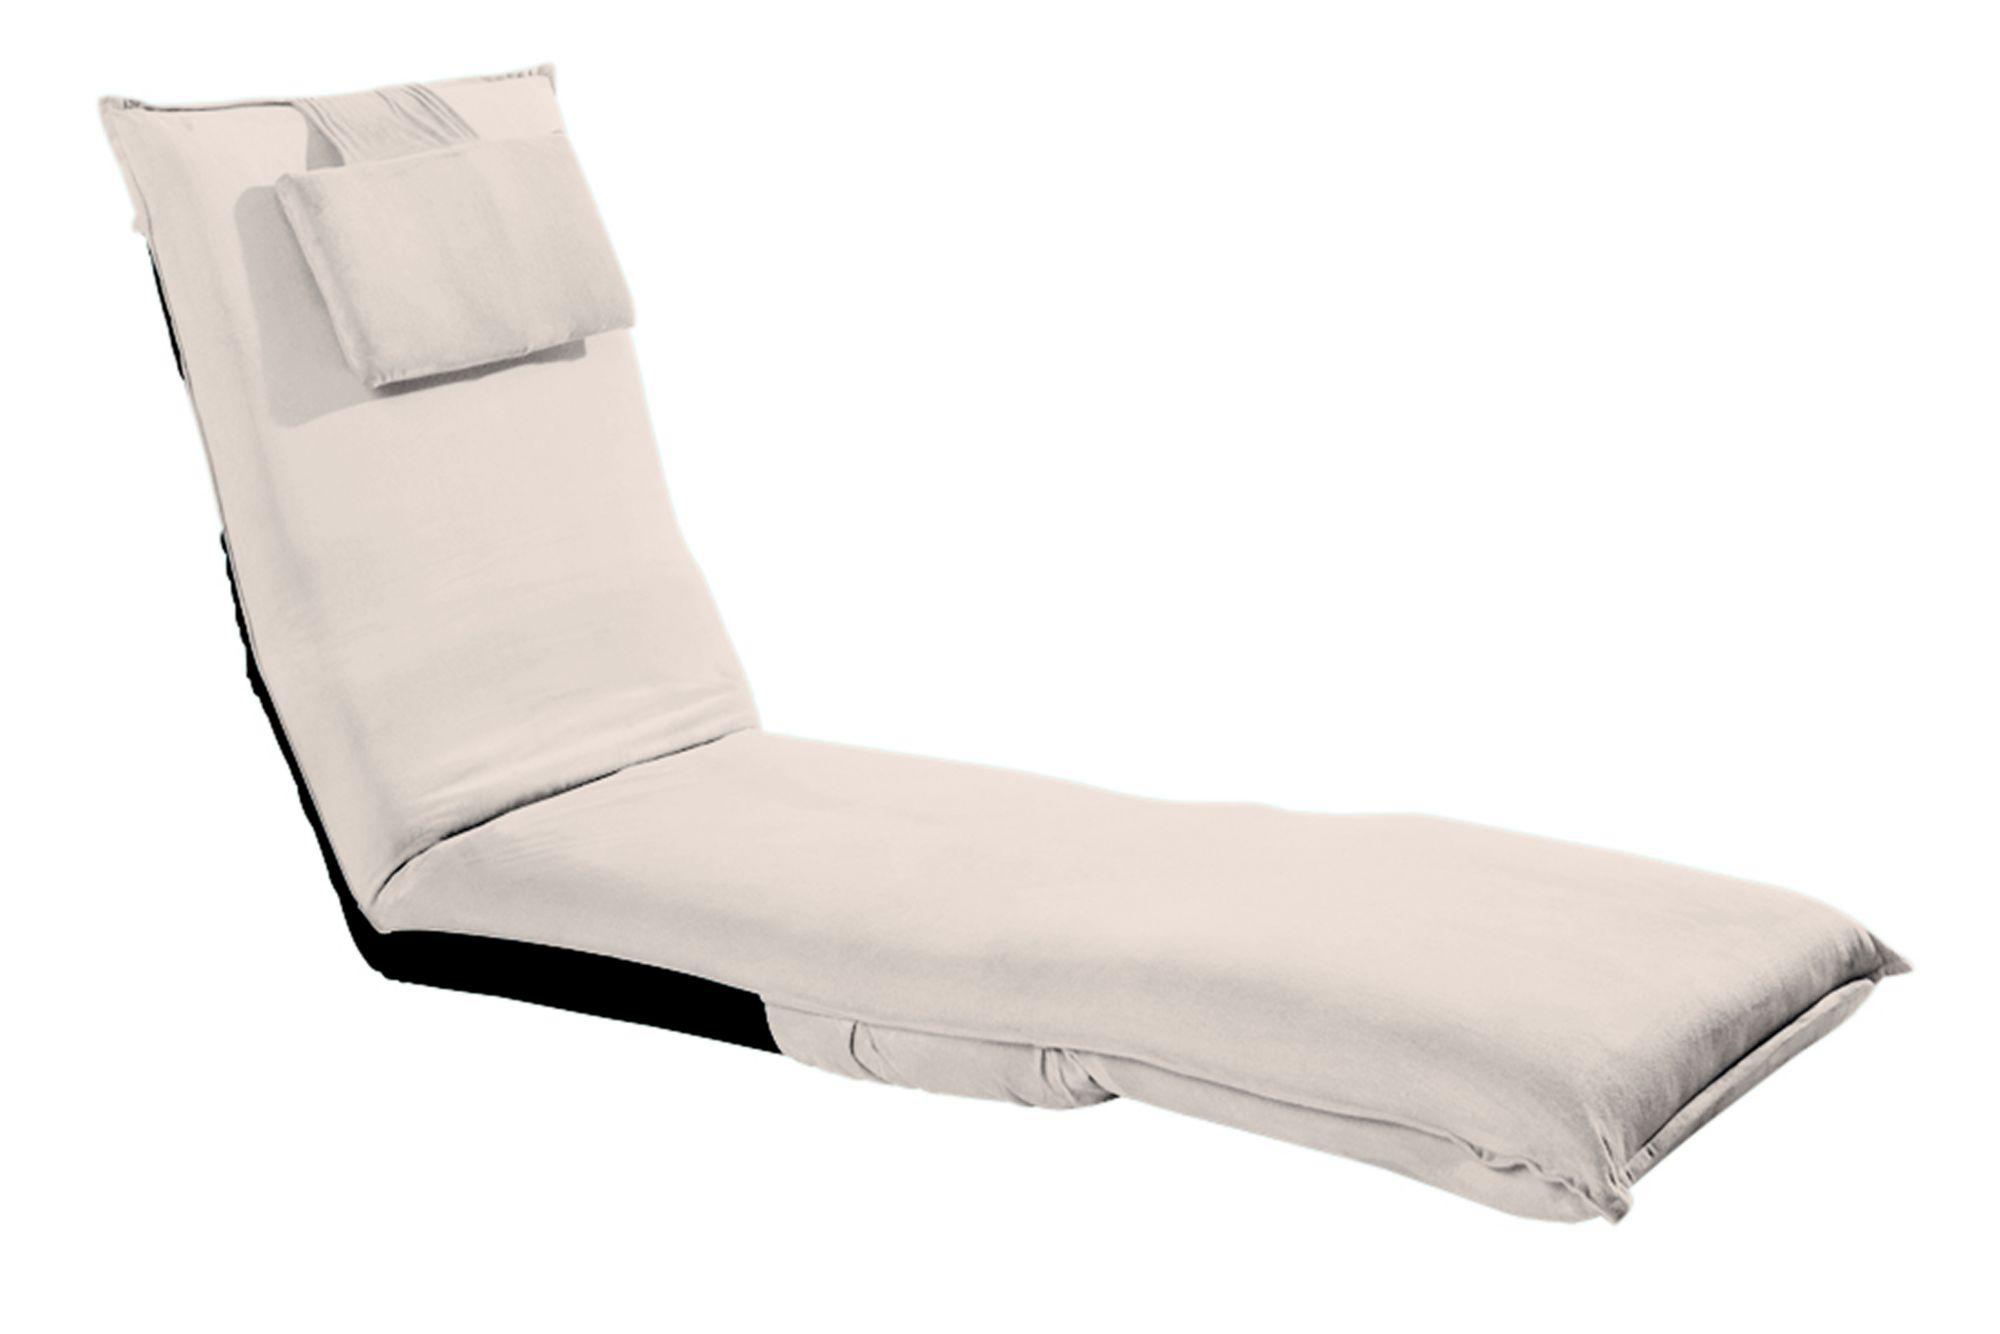 elegant fabulous relaxliege wohnzimmer verstellbar brimob for with relaxliegen wohnzimmer with relaxliege wohnzimmer verstellbar